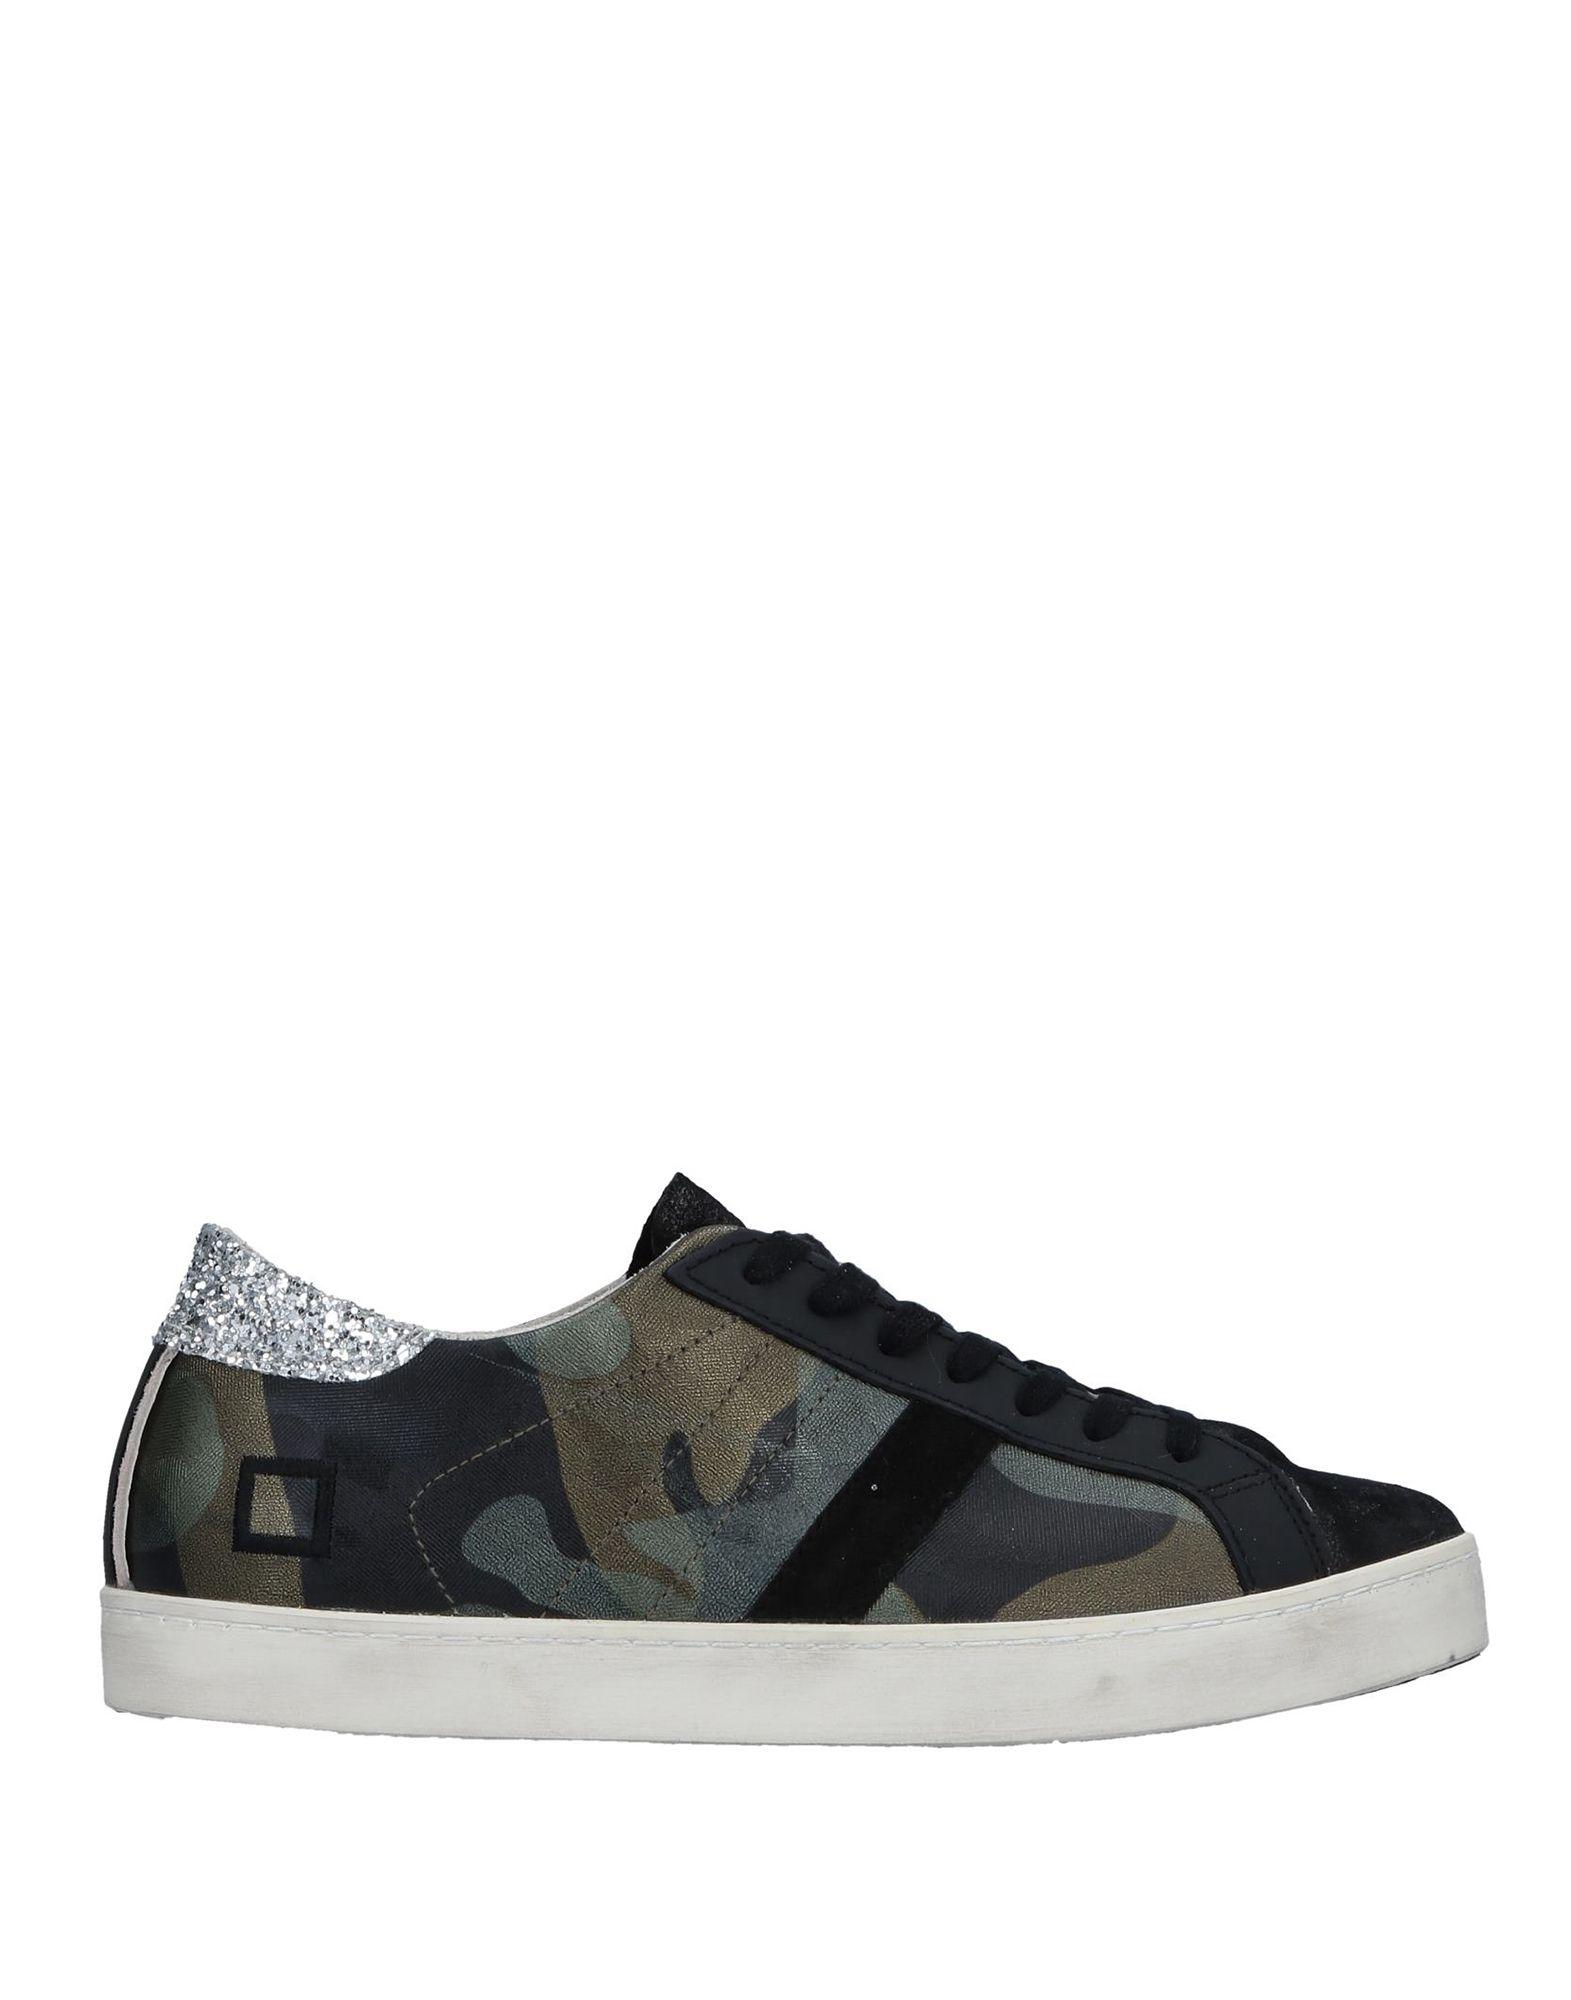 D.A.T.E. Sneakers Damen  11532864UJ Gute Qualität beliebte Schuhe